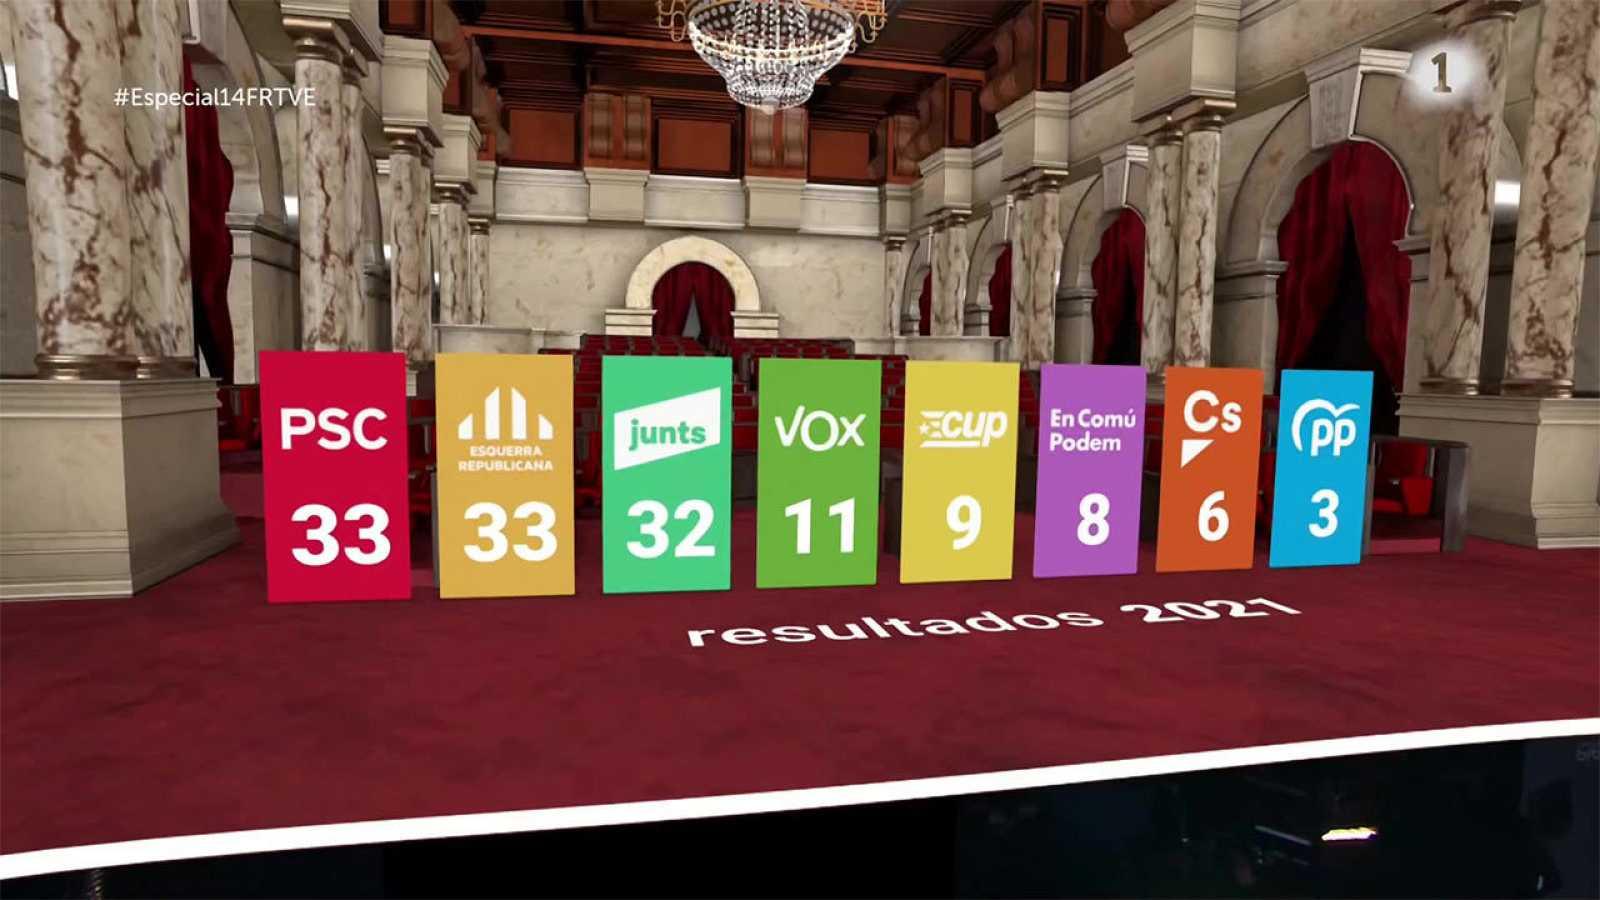 Resultats de les eleccions del 14-F a Catalunya